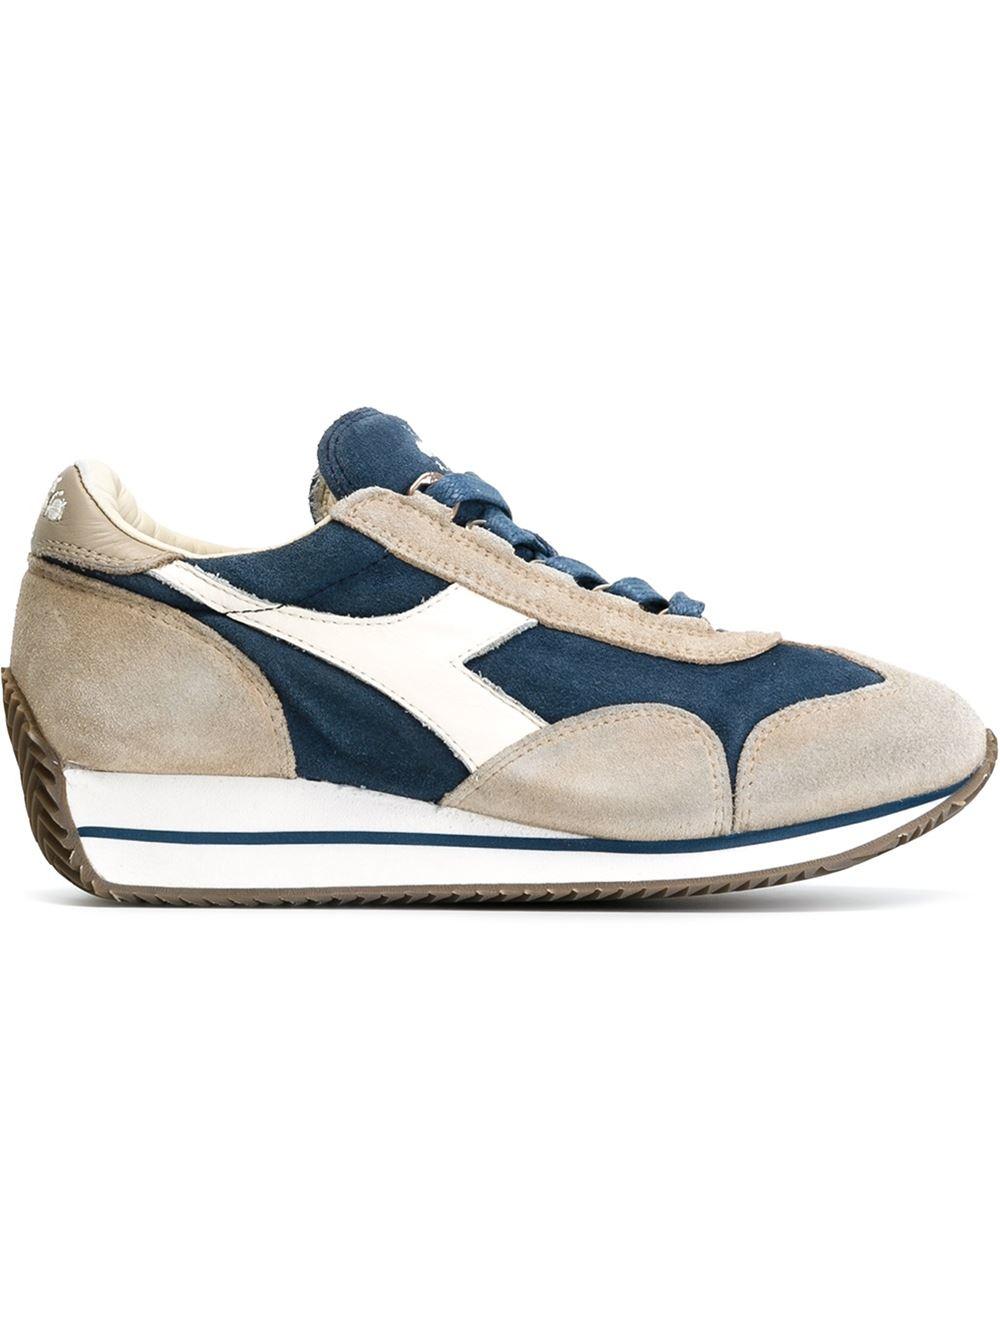 diadora sneakers - photo #12